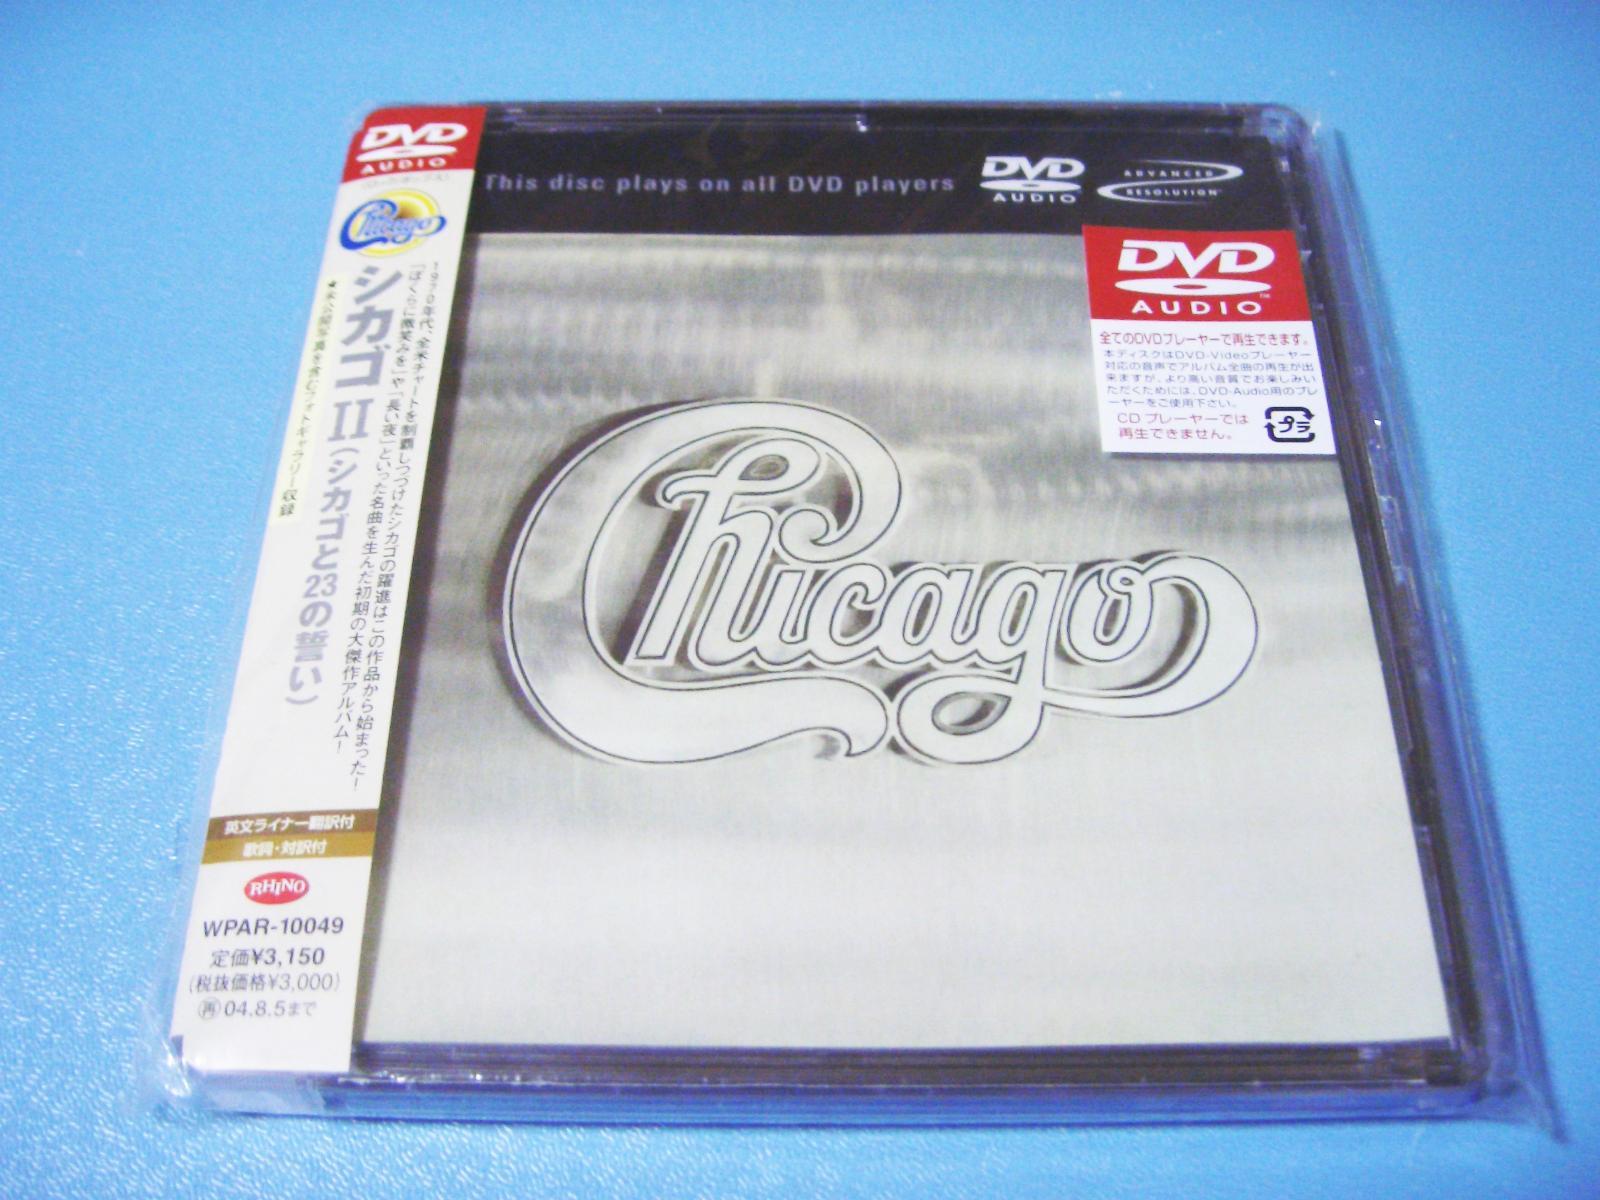 シカゴ / シカゴⅡ(シカゴと23の誓い)(DVD-AUDIO)_c0062649_22554531.jpg